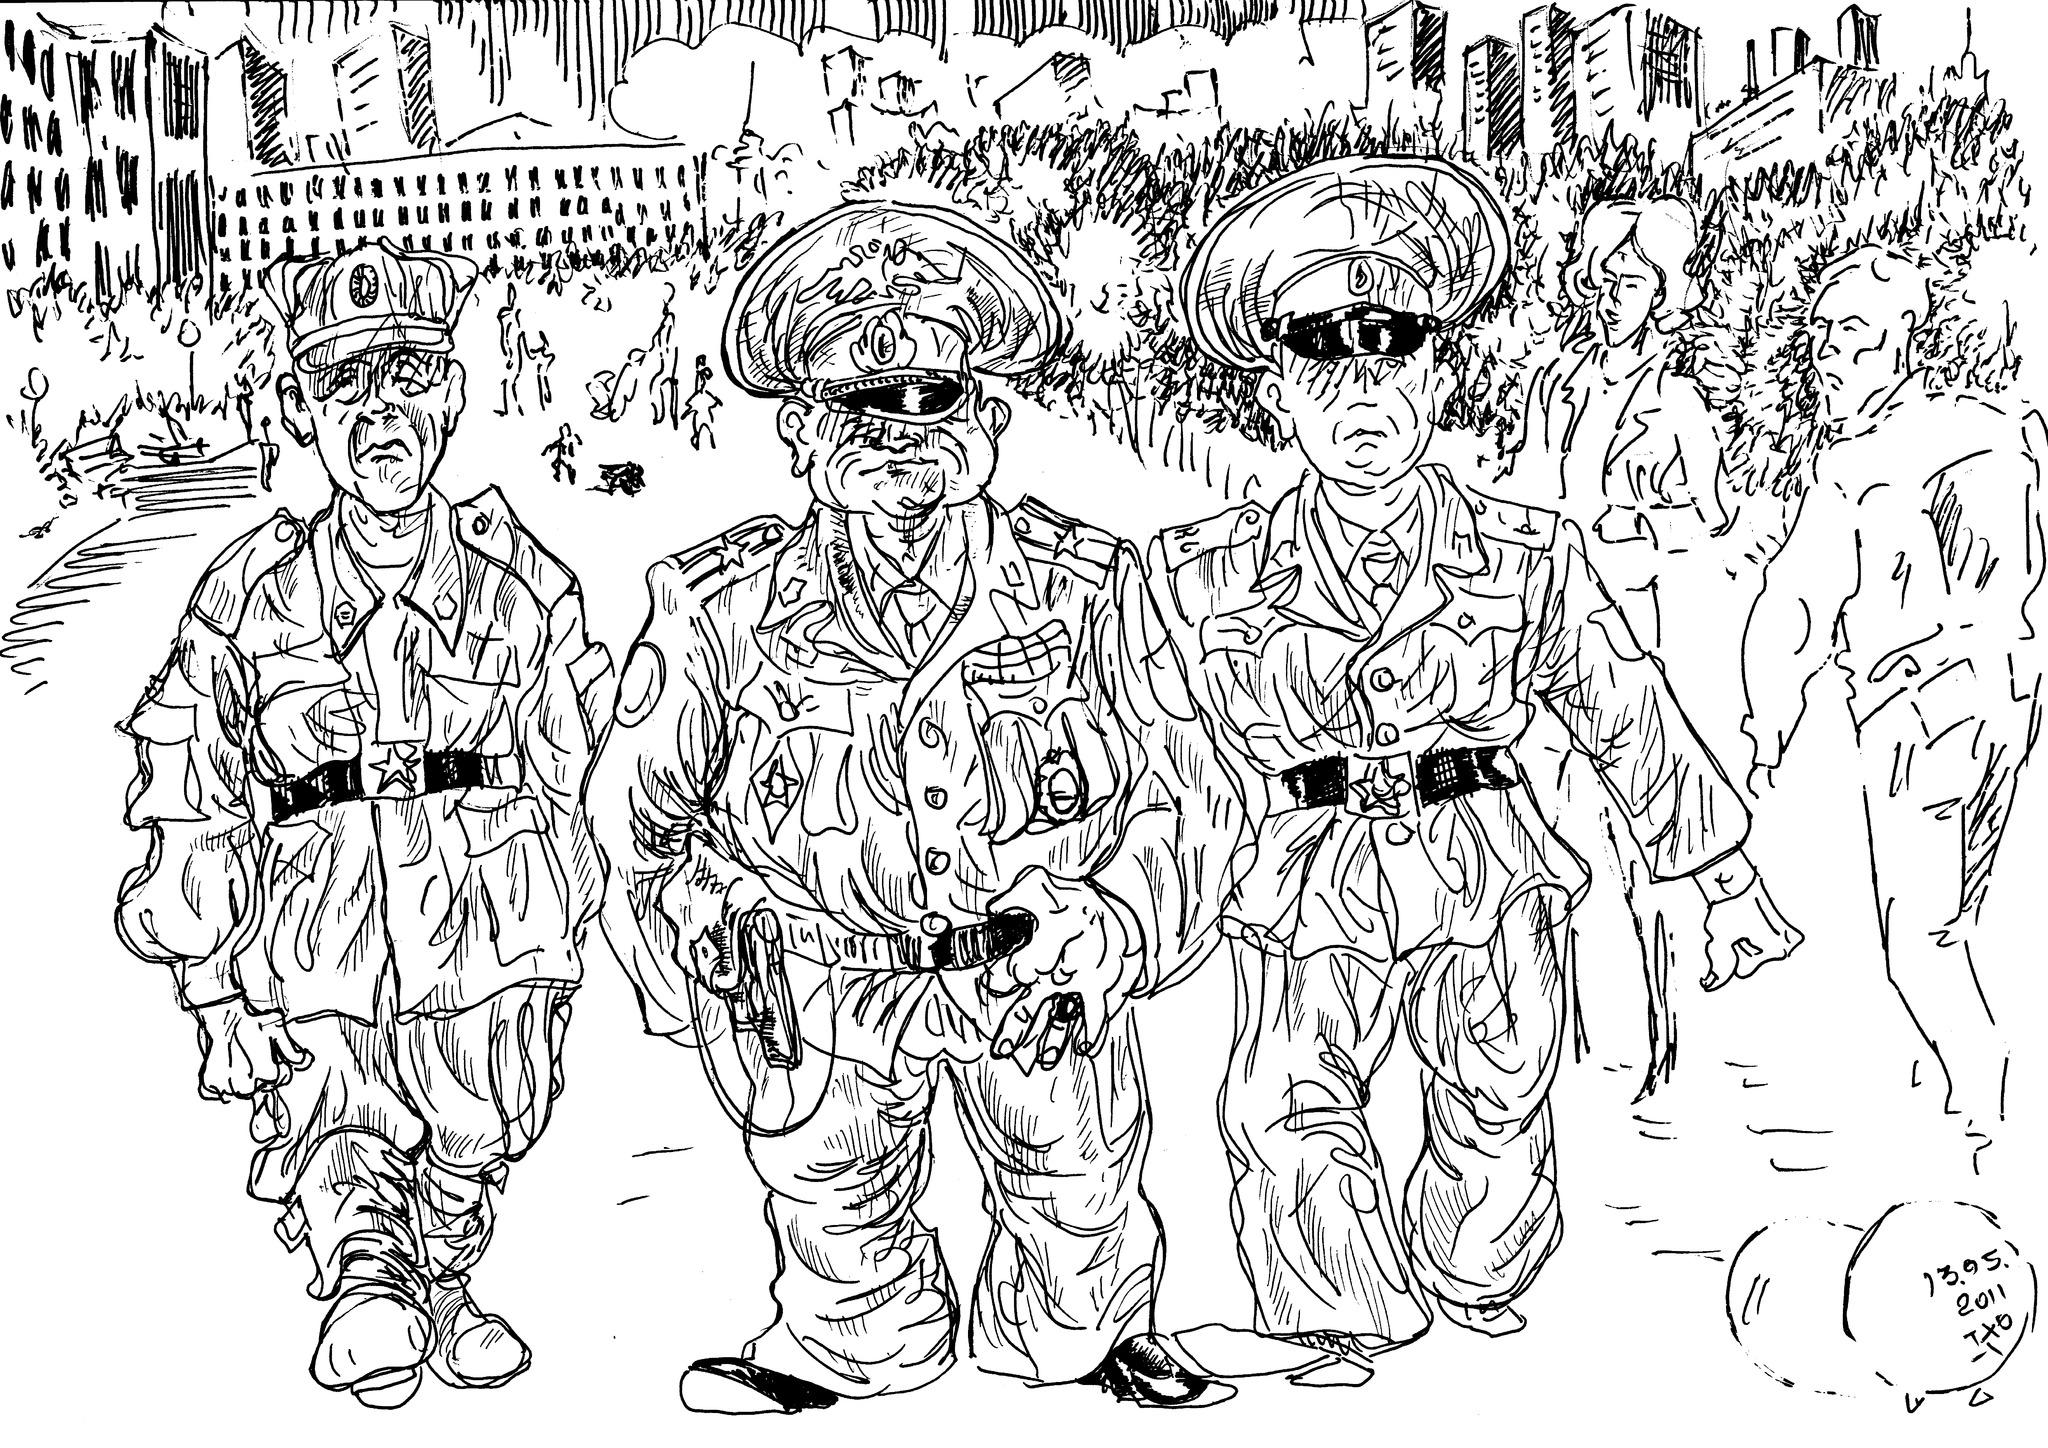 Не гарнизонный  патруль, а какие-то пленные